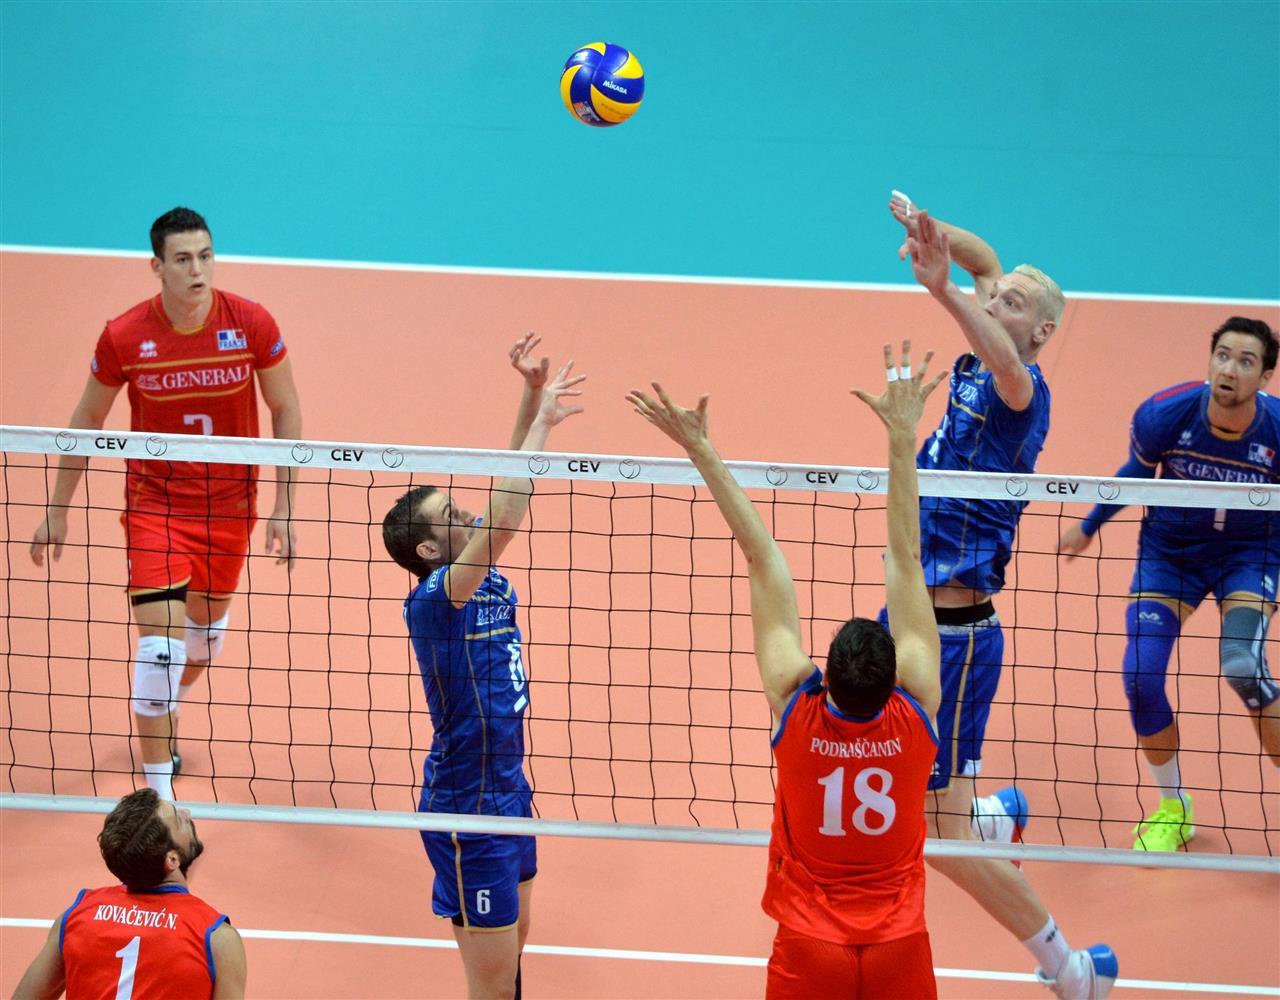 francuska srbija evropsko prvenstvo odbojka